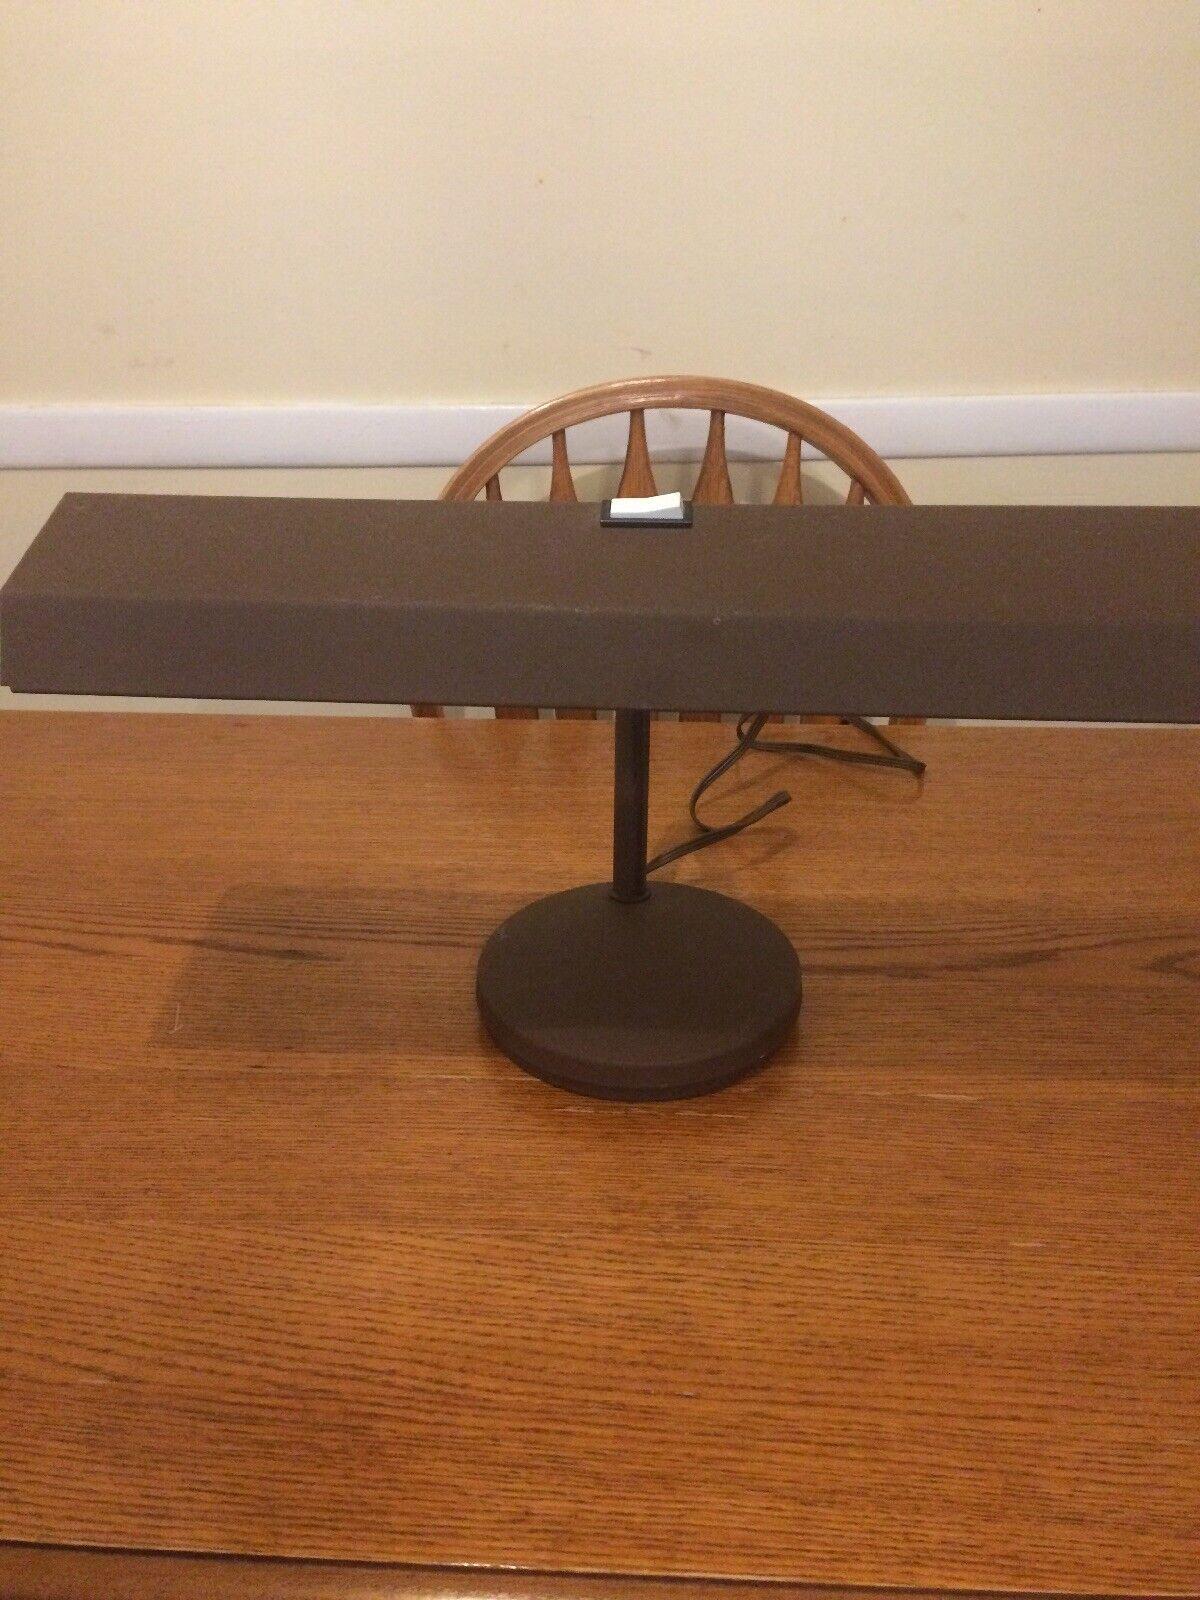 Electrix Desk Light Adjustable braun Metal Desk Lamp Model 2067 120 Volts